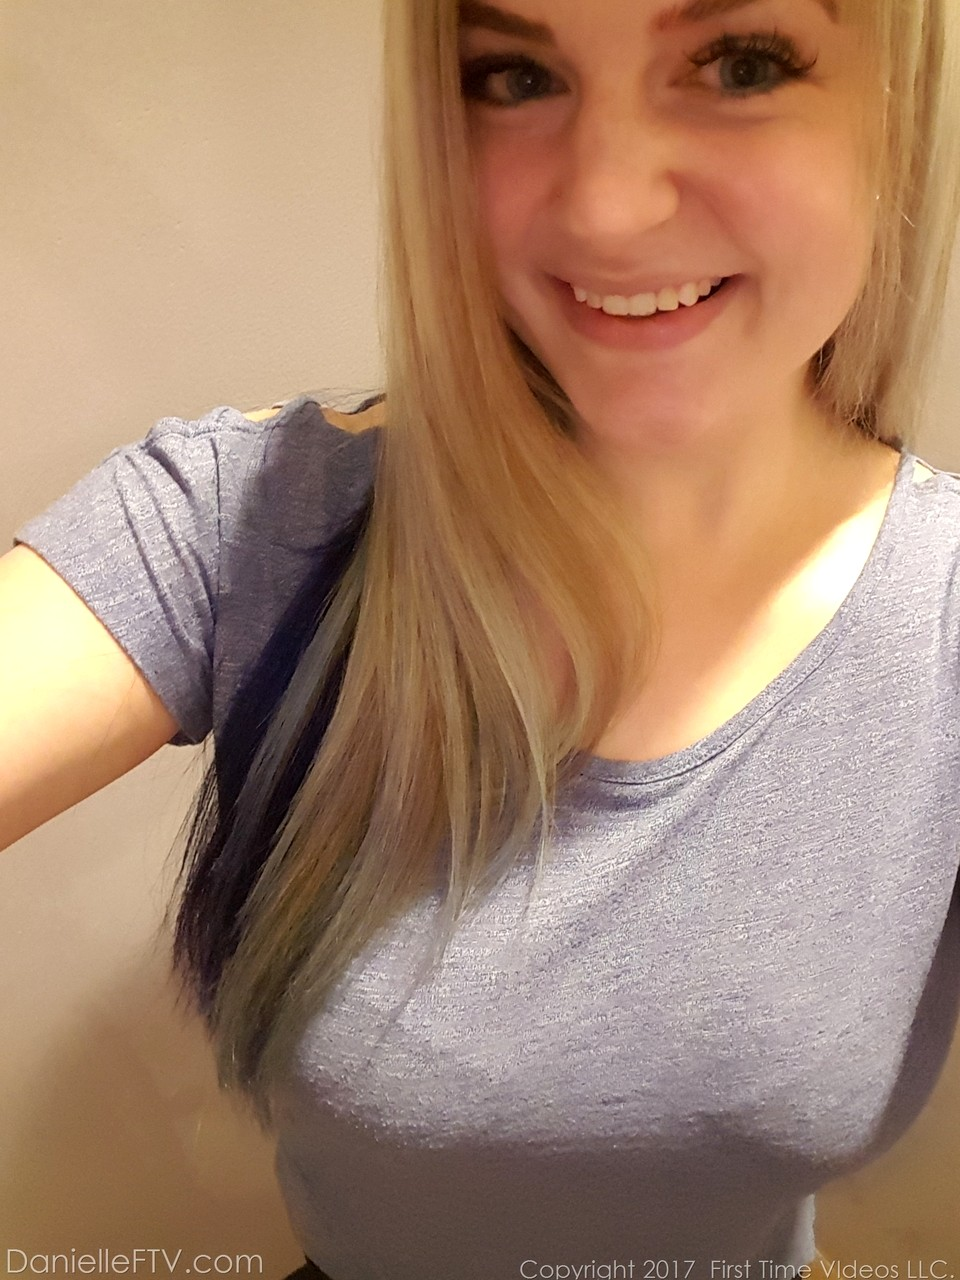 Danielle Ftv Selfie